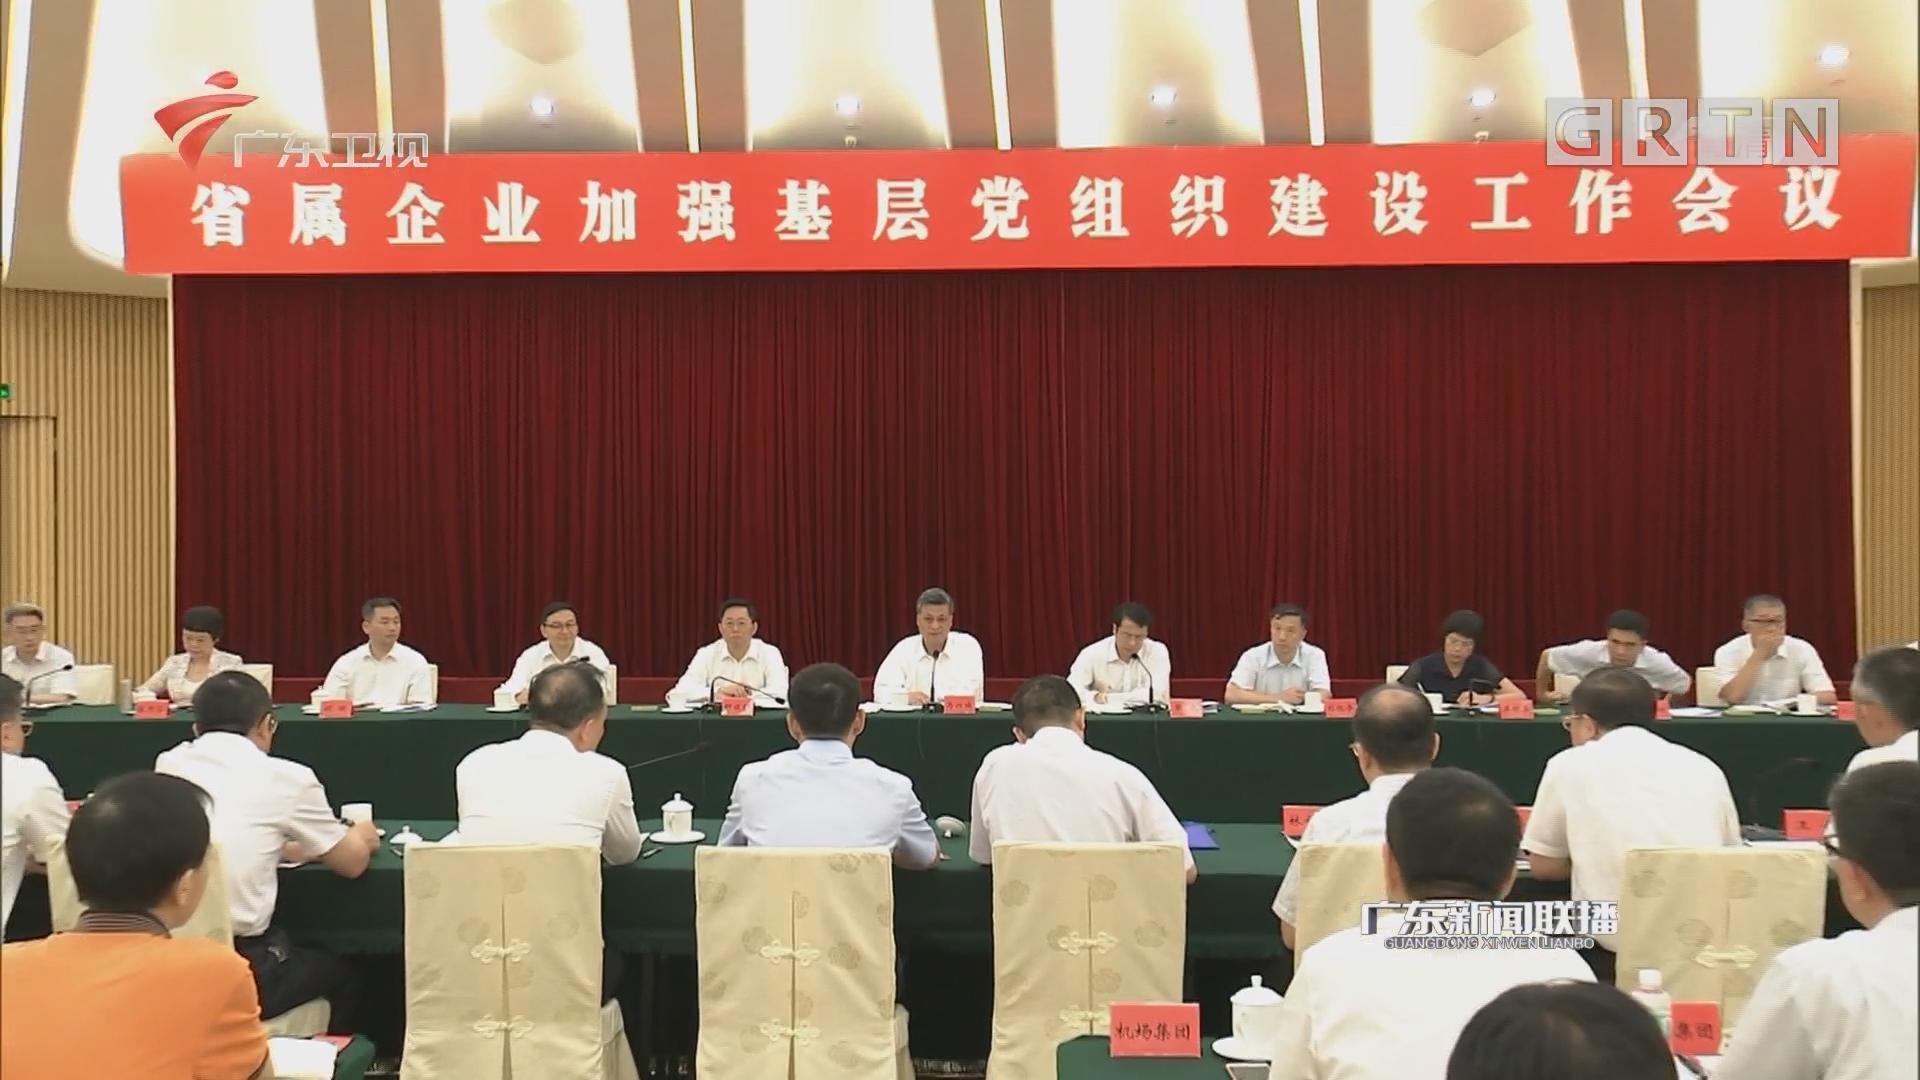 马兴瑞出席省属企业加强基层党组织建设工作会议 强调全面加强和改进国有企业党建工作